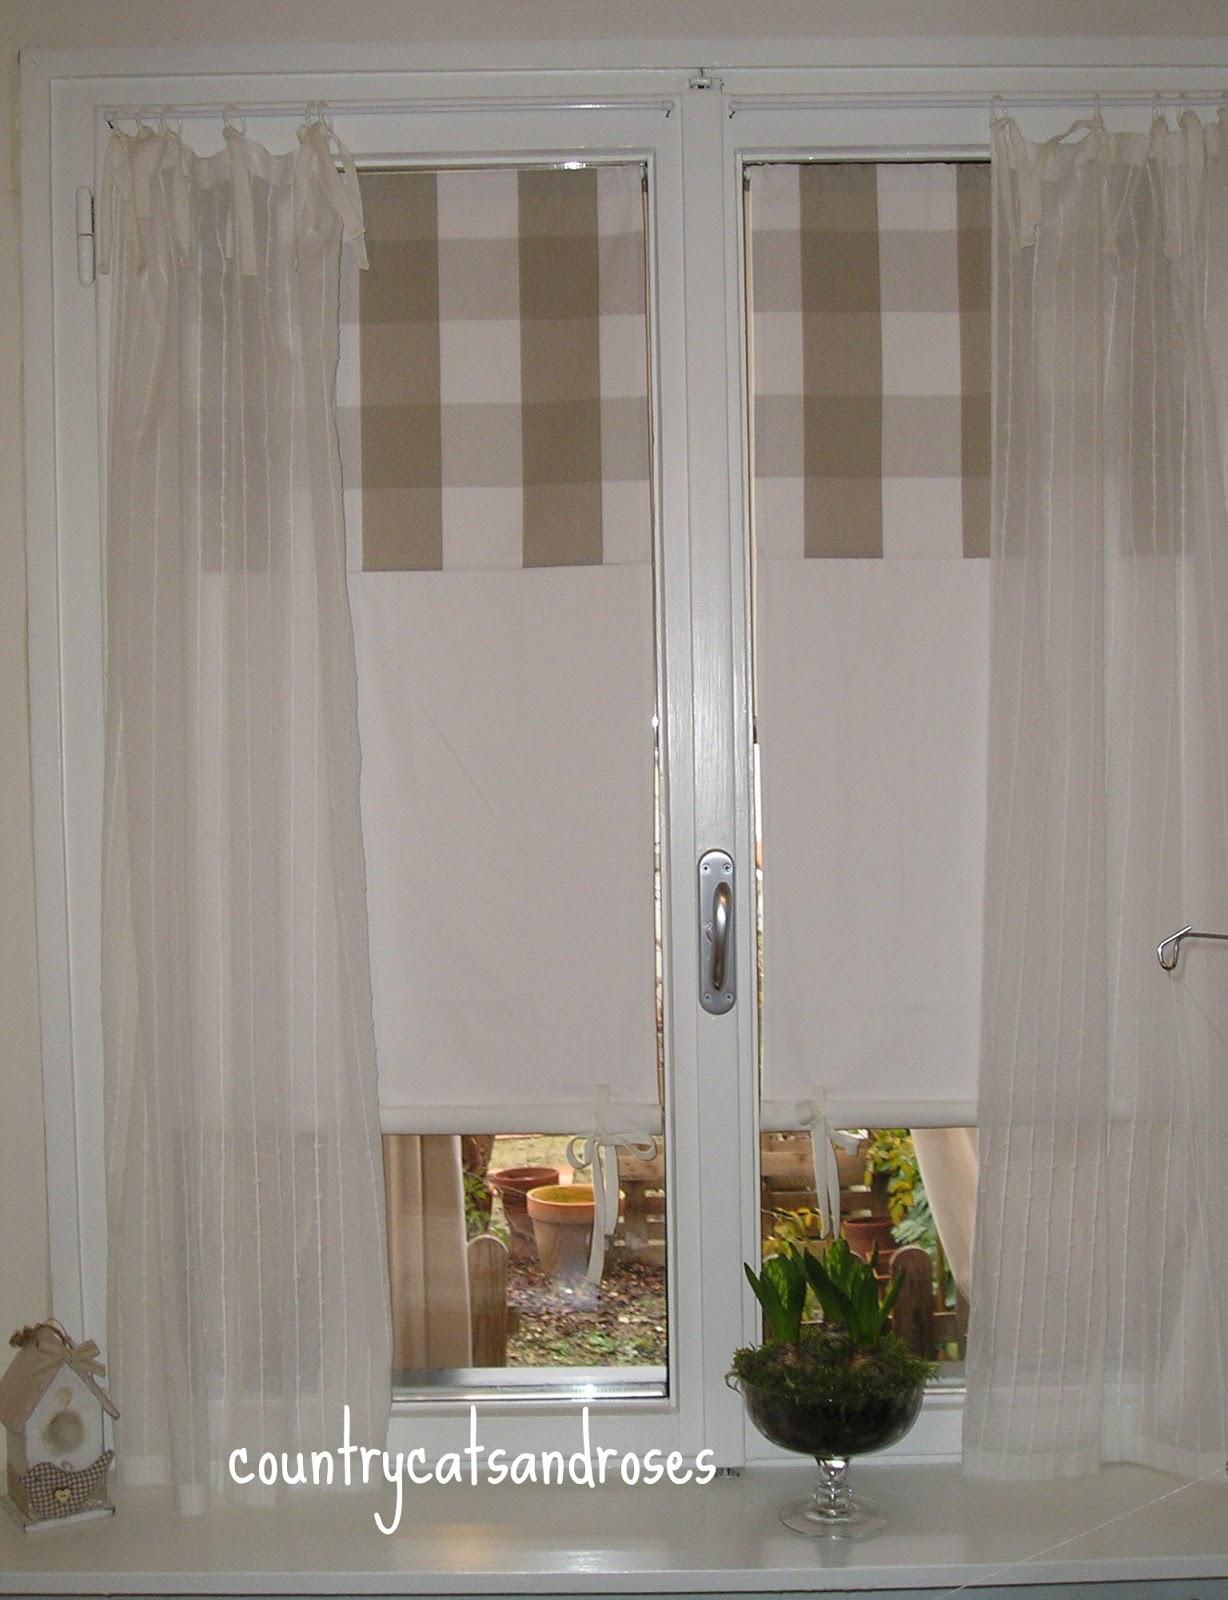 Countrycatsandroses gennaio bianco ordine e tende for Tende cucina a vetro